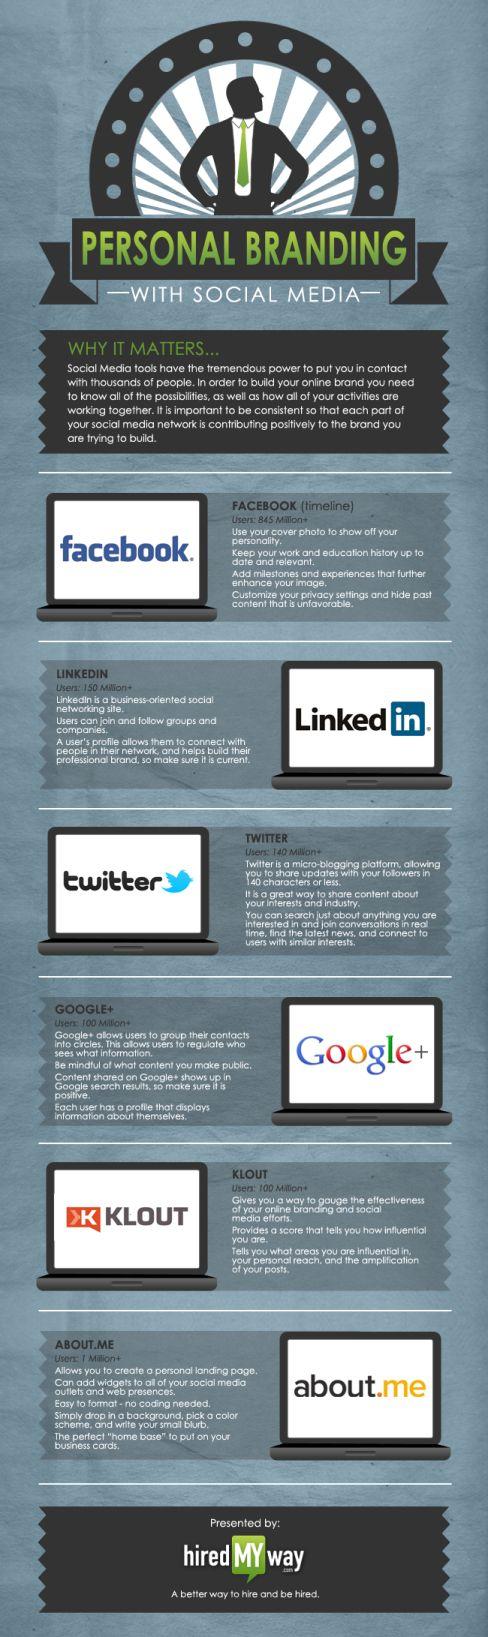 Personal Branding Infographic - blog.sparkhire.com